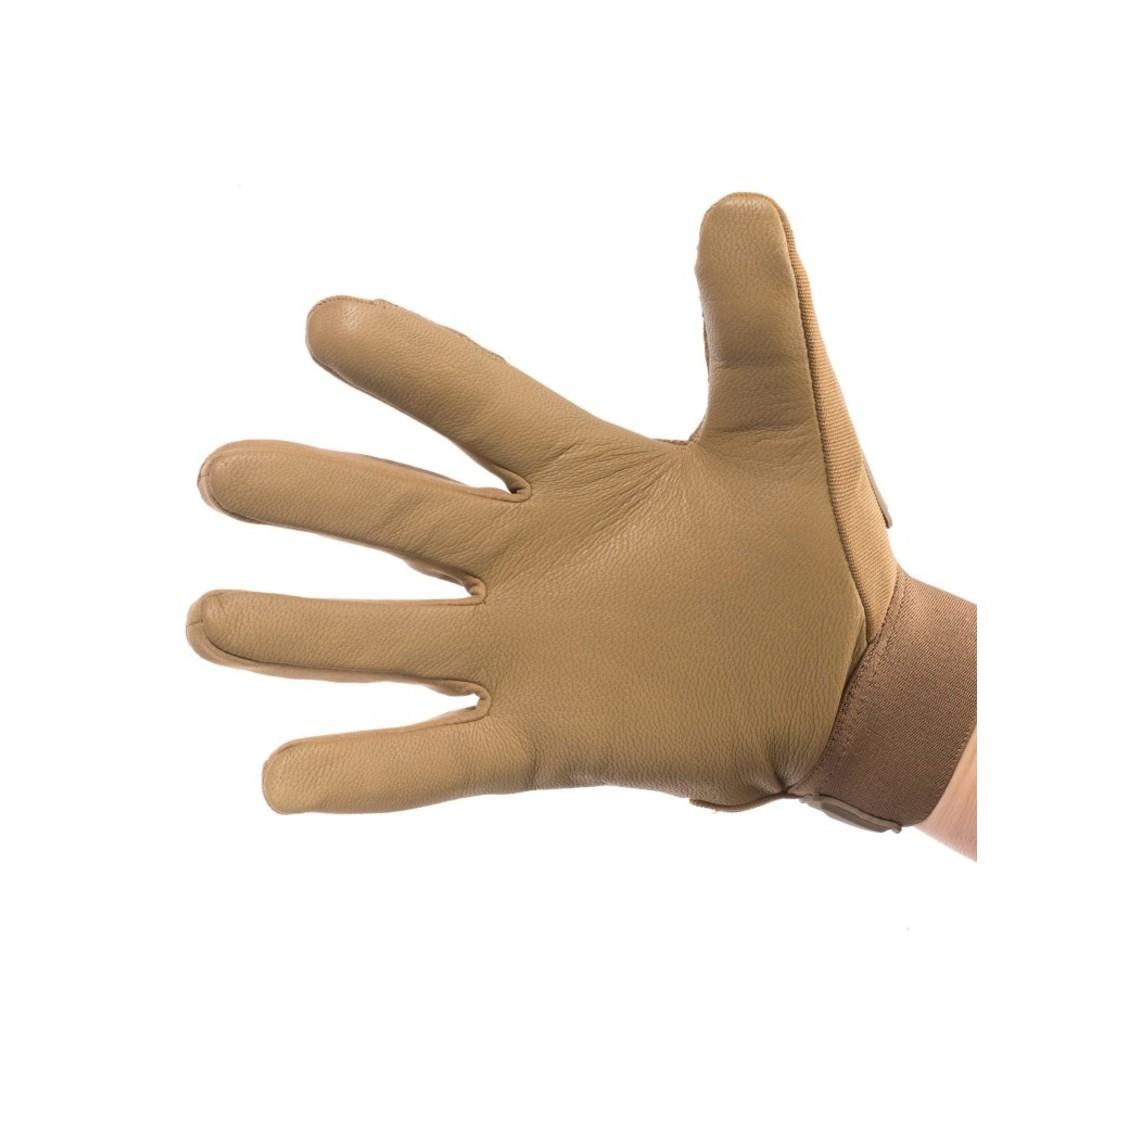 Cold Steel Taktiska handskar, sand färg